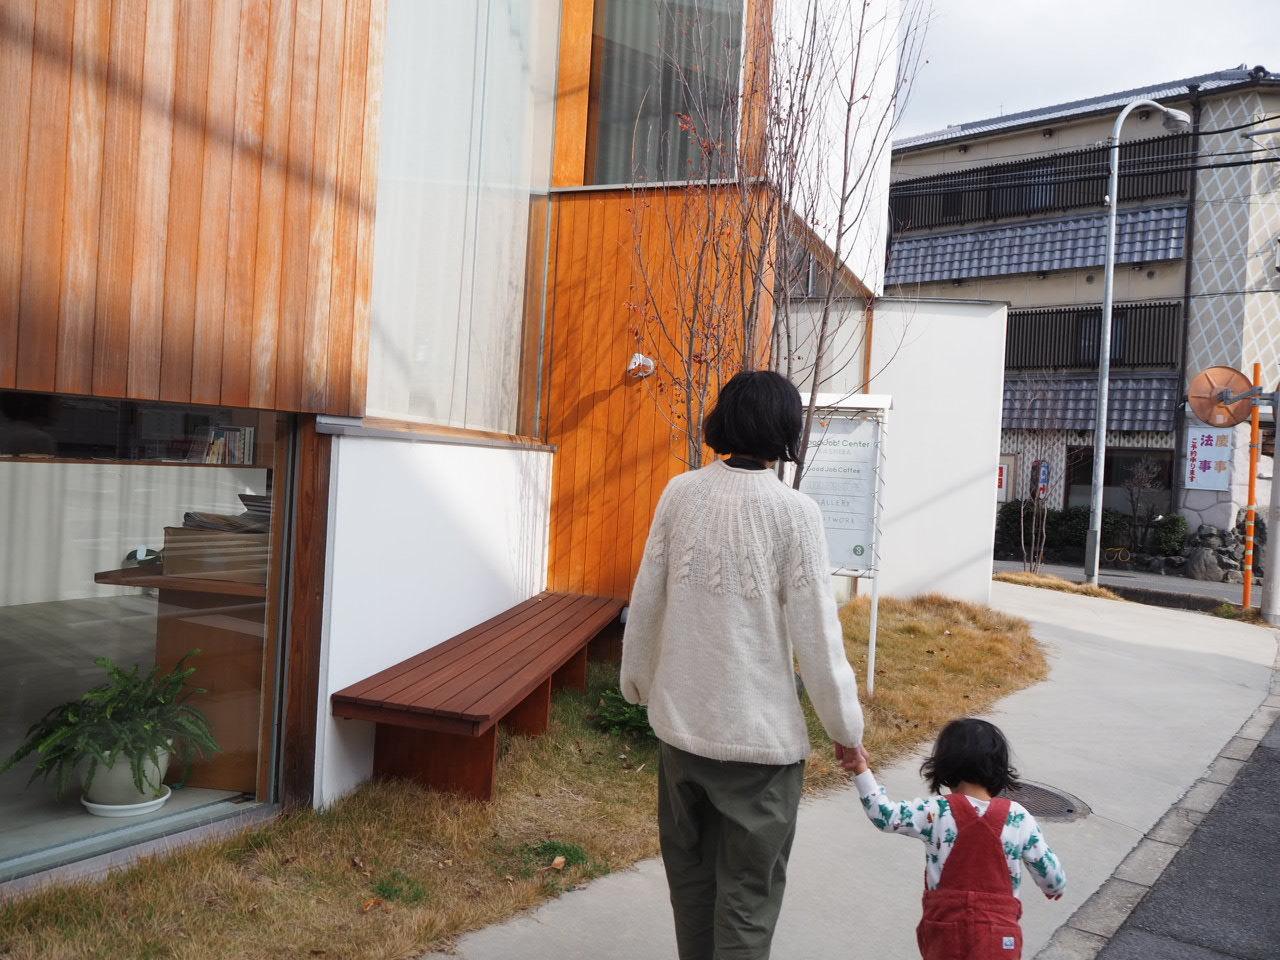 たまには現代建築をみ、そしてピザを食べる_f0370091_23582547.jpg